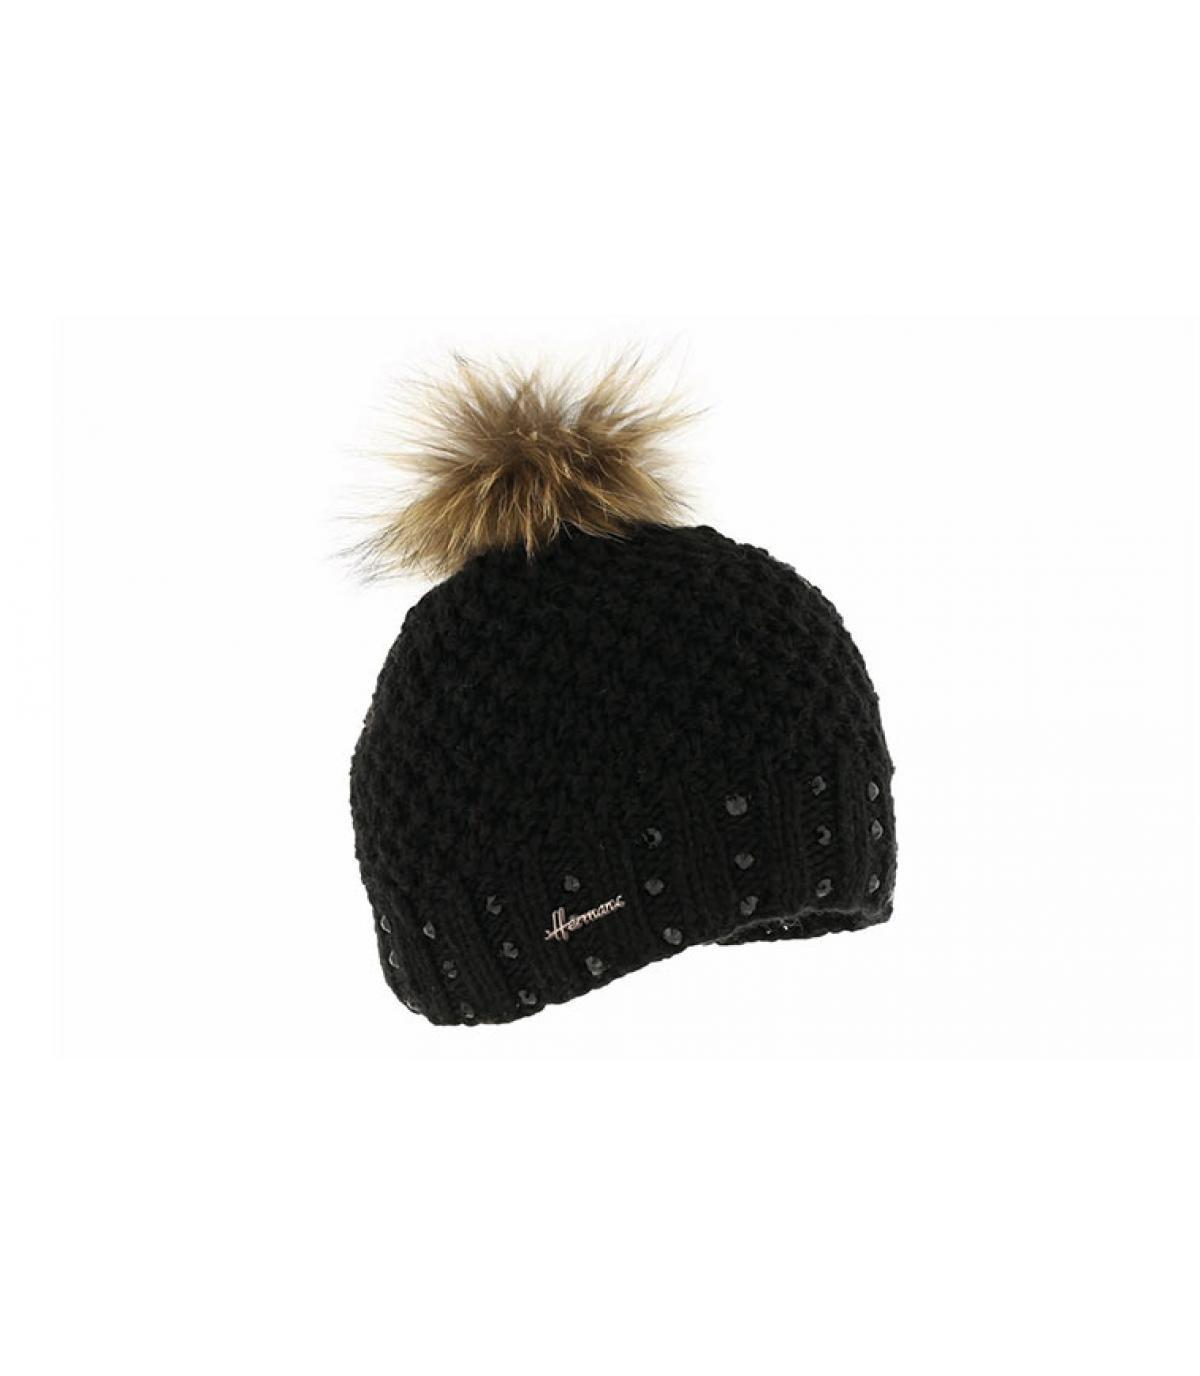 bonnet enfant noir pompon fourrure - Isys Kids black Herman Headwear -  image 1 ... c57f2526219